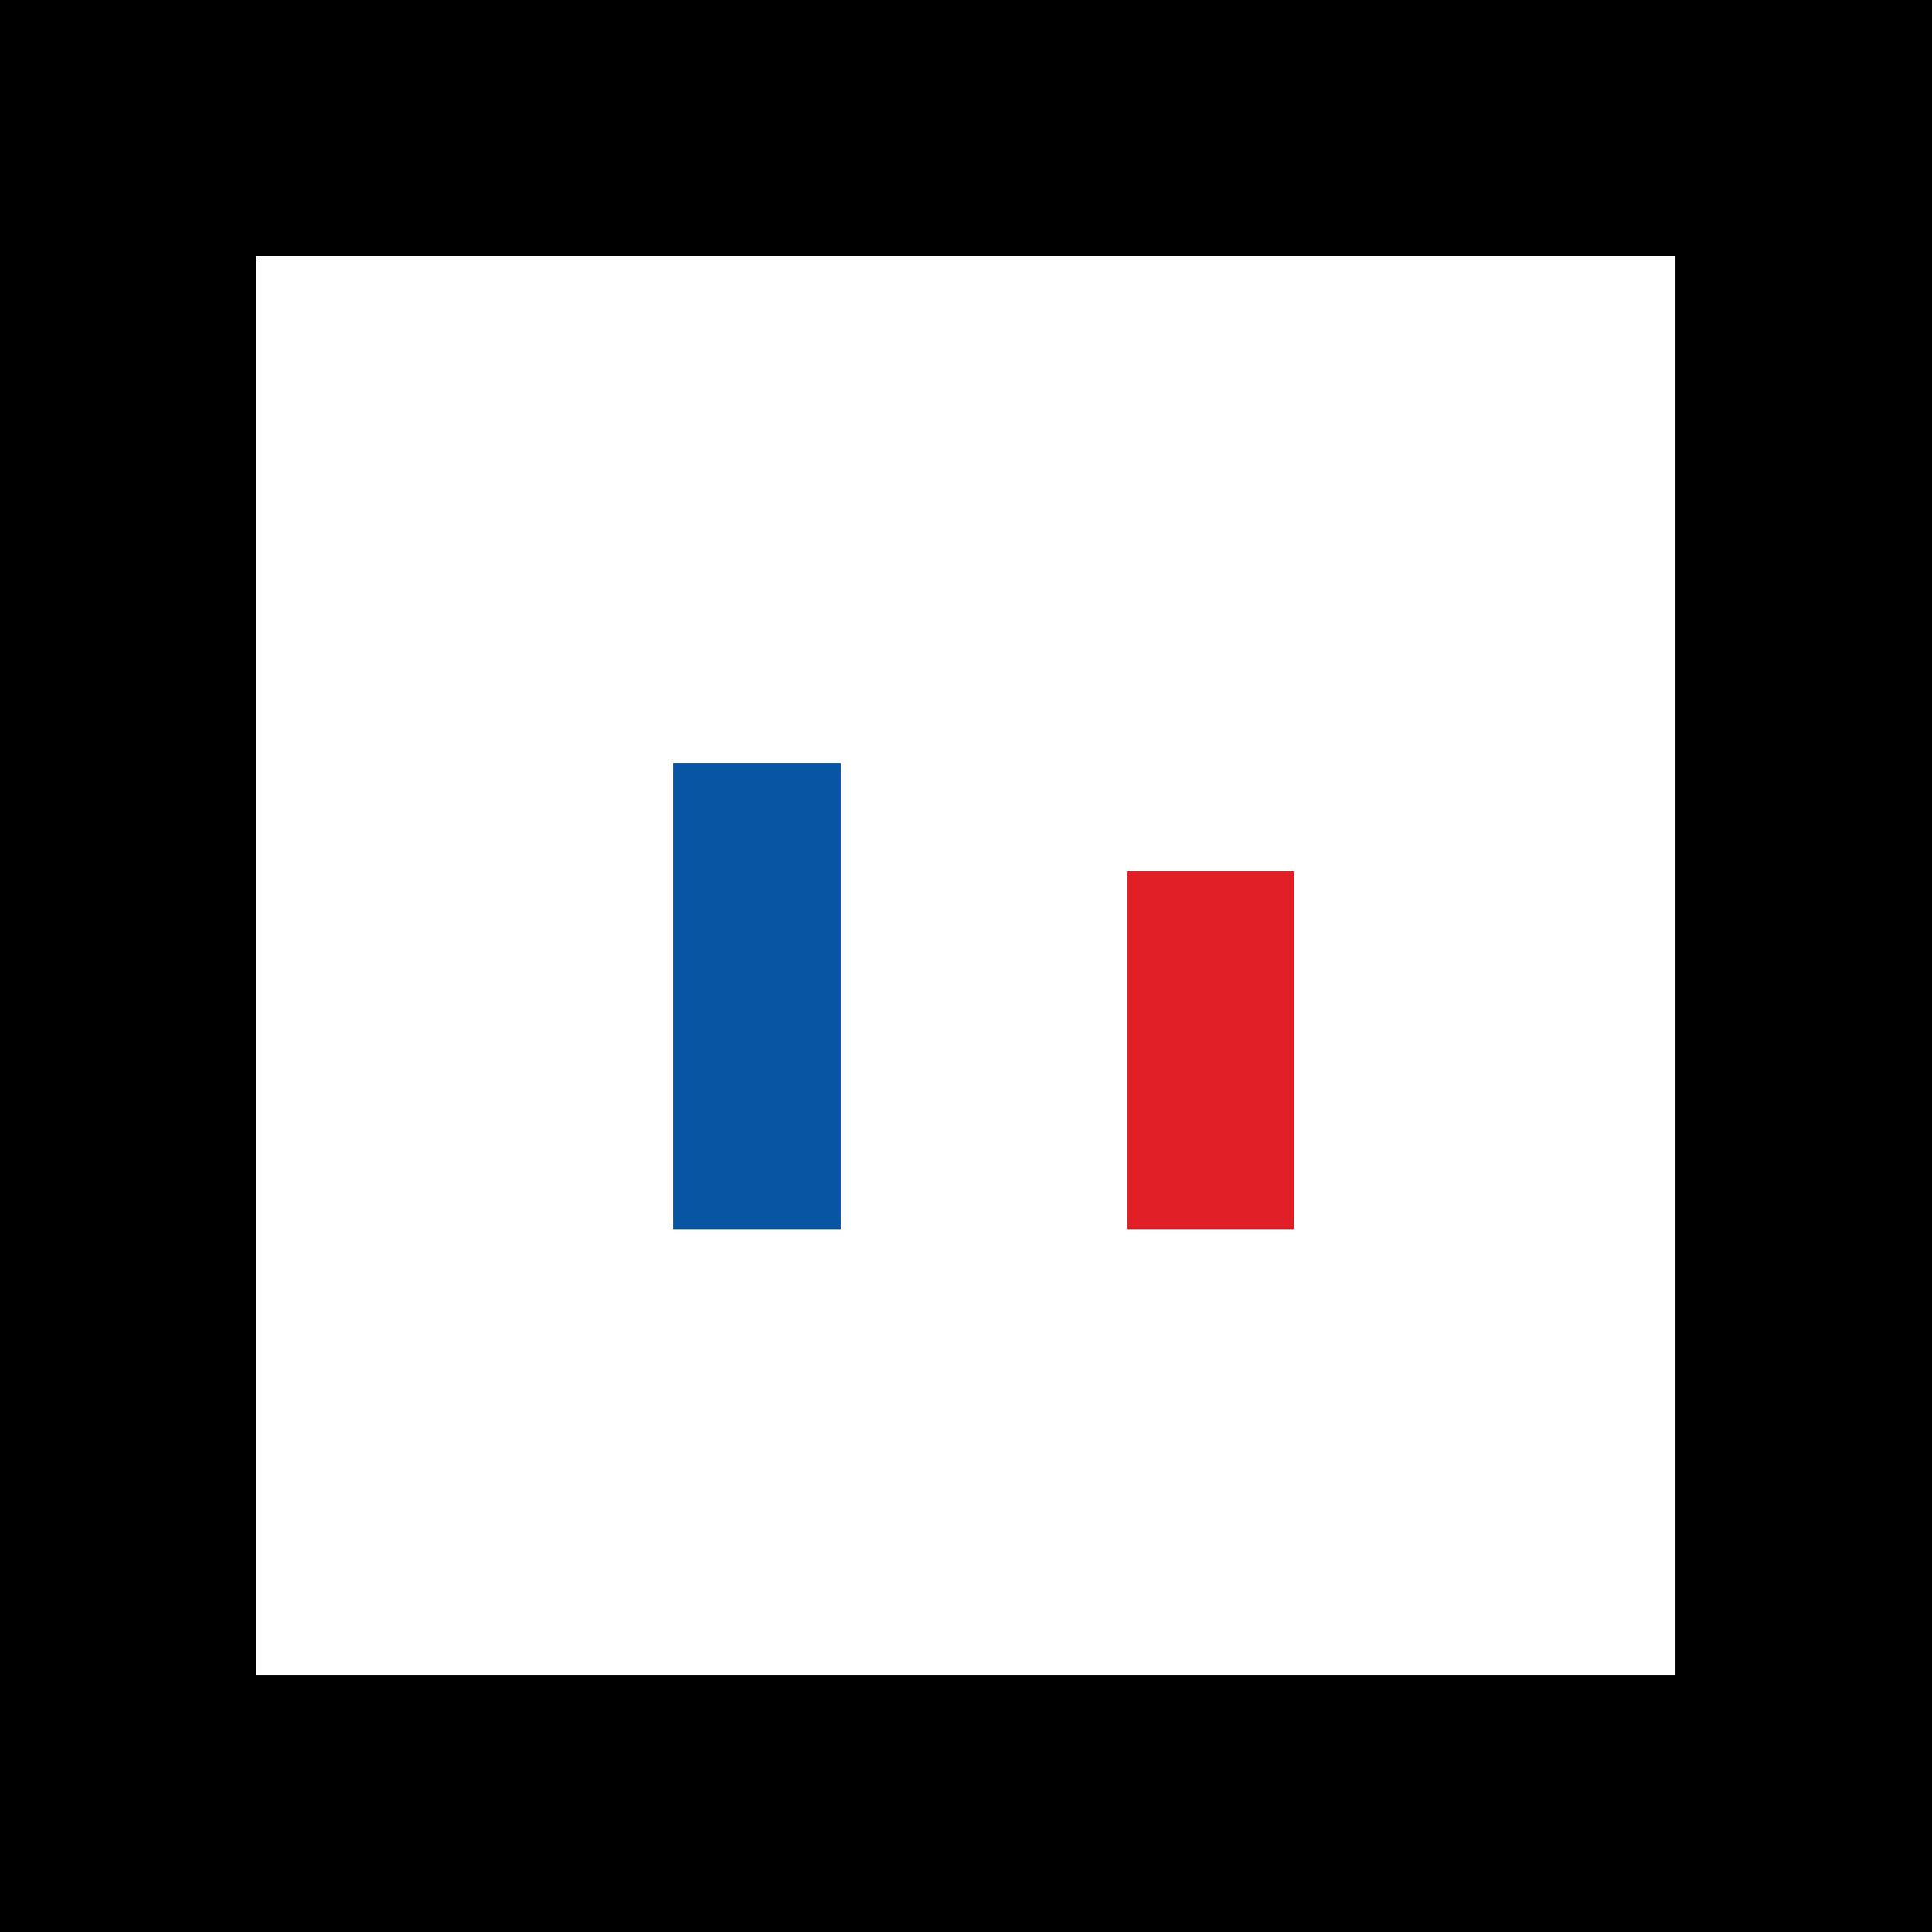 100% French manufacturing JLV logo